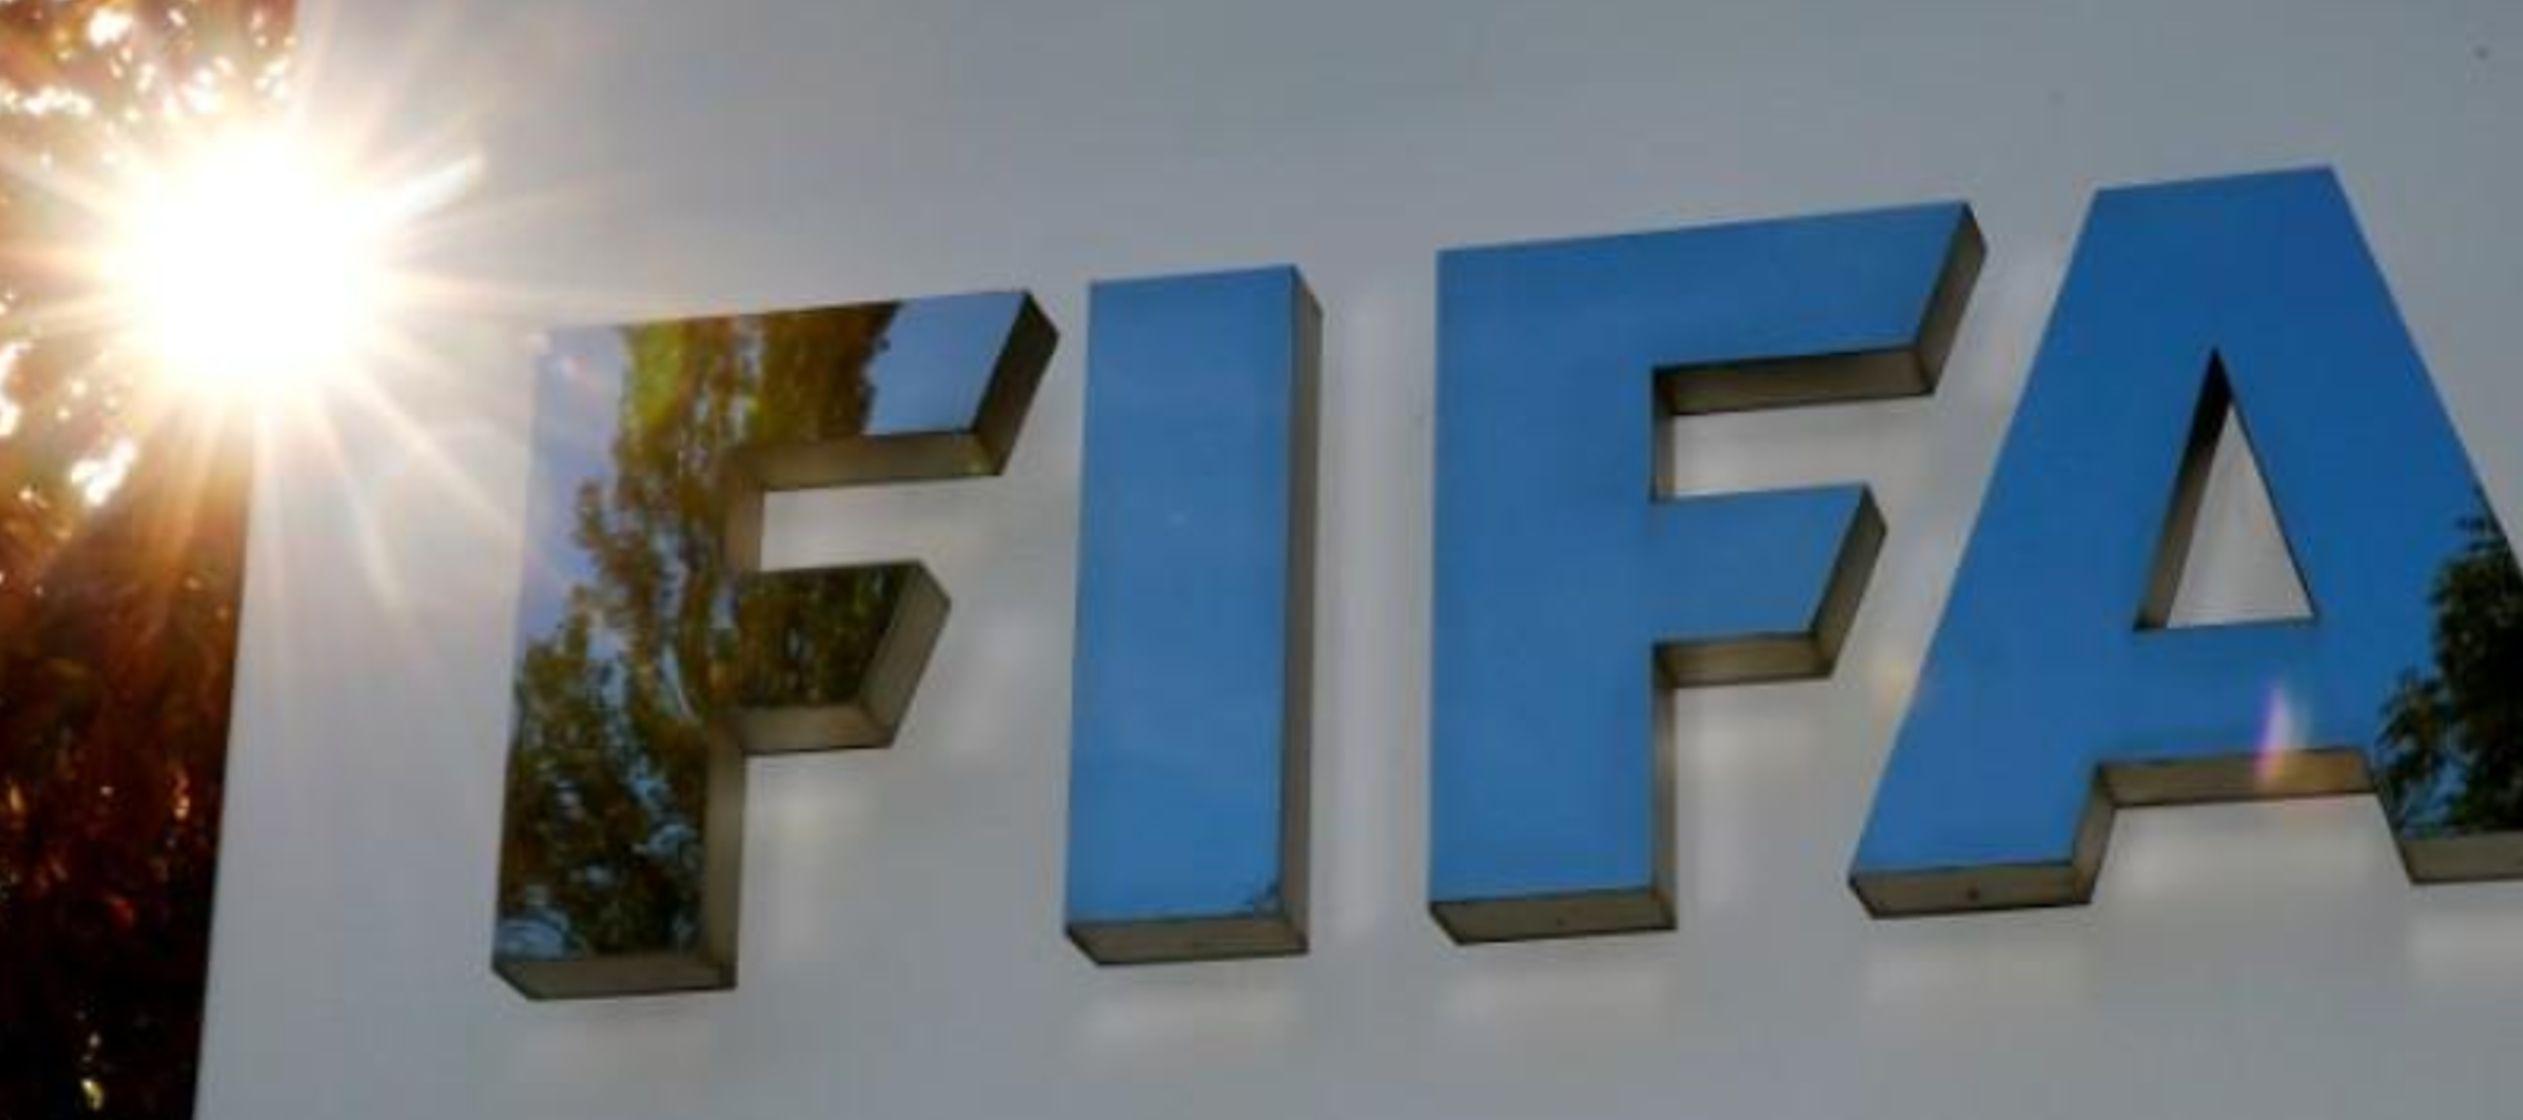 La FIFA dijo que buscará duplicar la cantidad de jugadoras a 60 millones para el 2026 y...